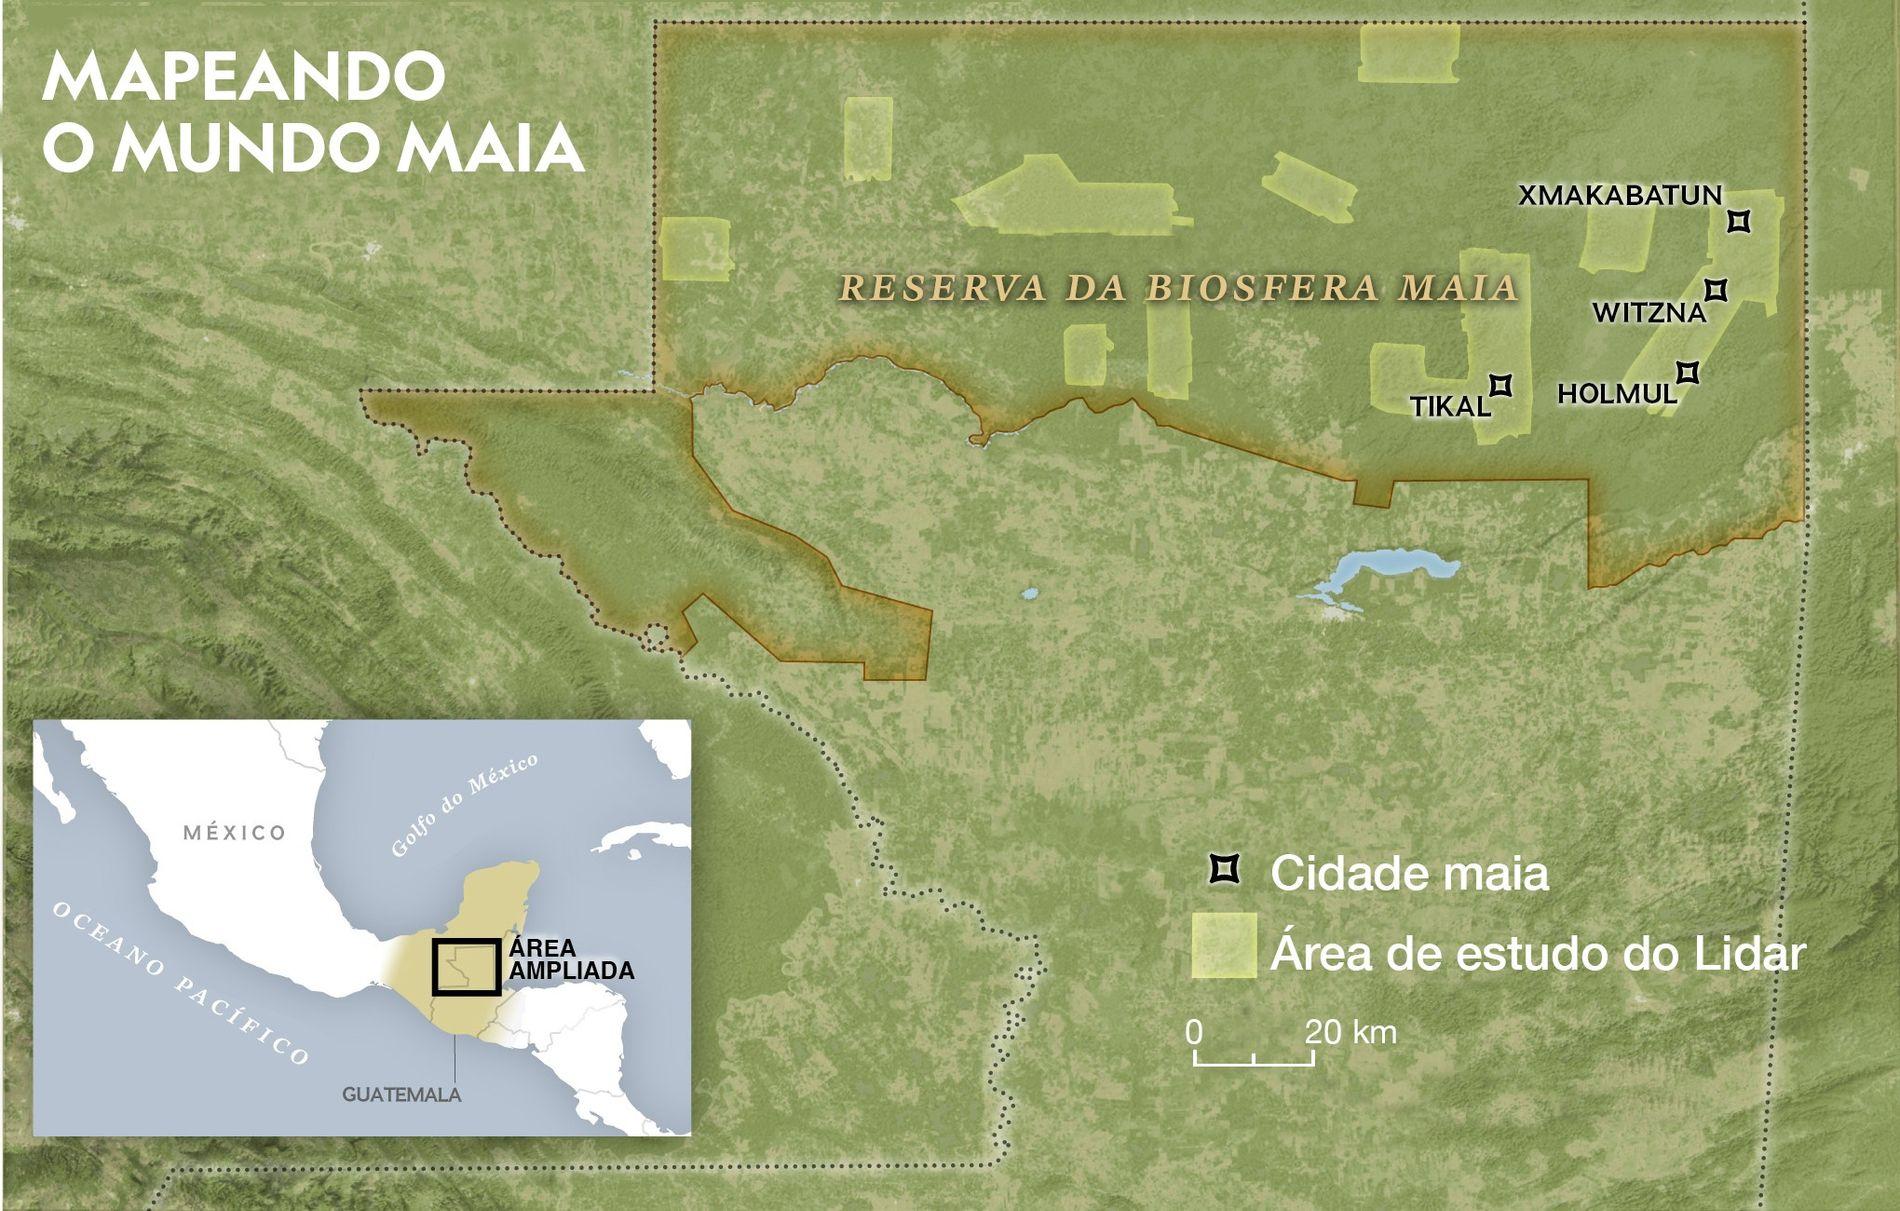 Pesquisadores com LiDAR aéreo mapearam 10 partes da Reserva da Biosfera Maia na Guatemala. As descobertas ...